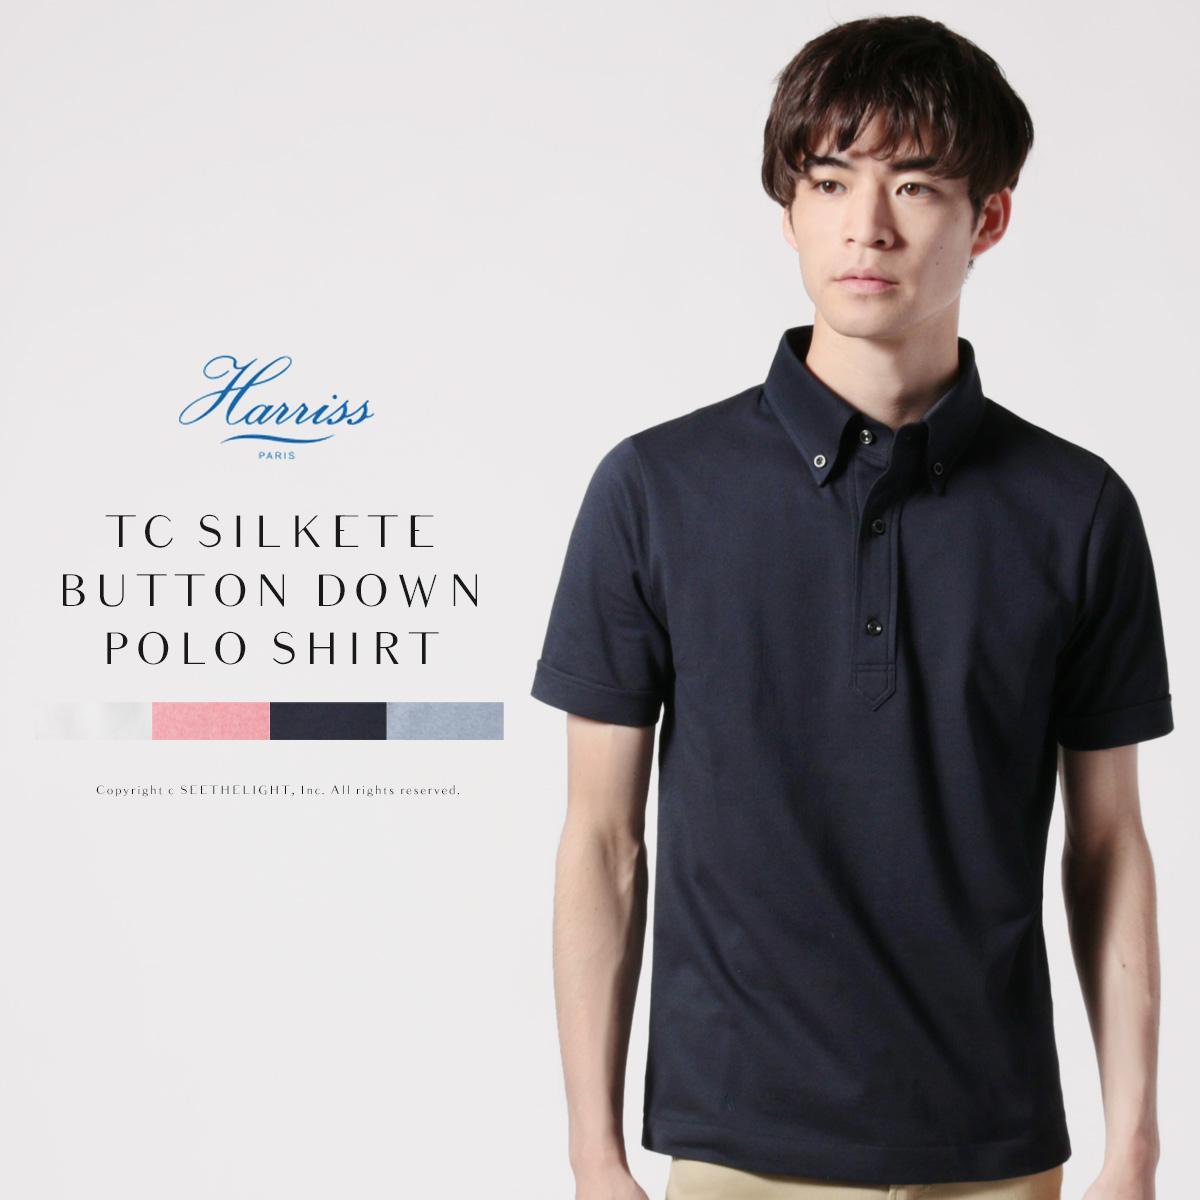 メンズ ポロシャツ メンズファッション TC シルケット 鹿の子 ボタンダウン 半袖 ポロシャツ Harriss ハリス